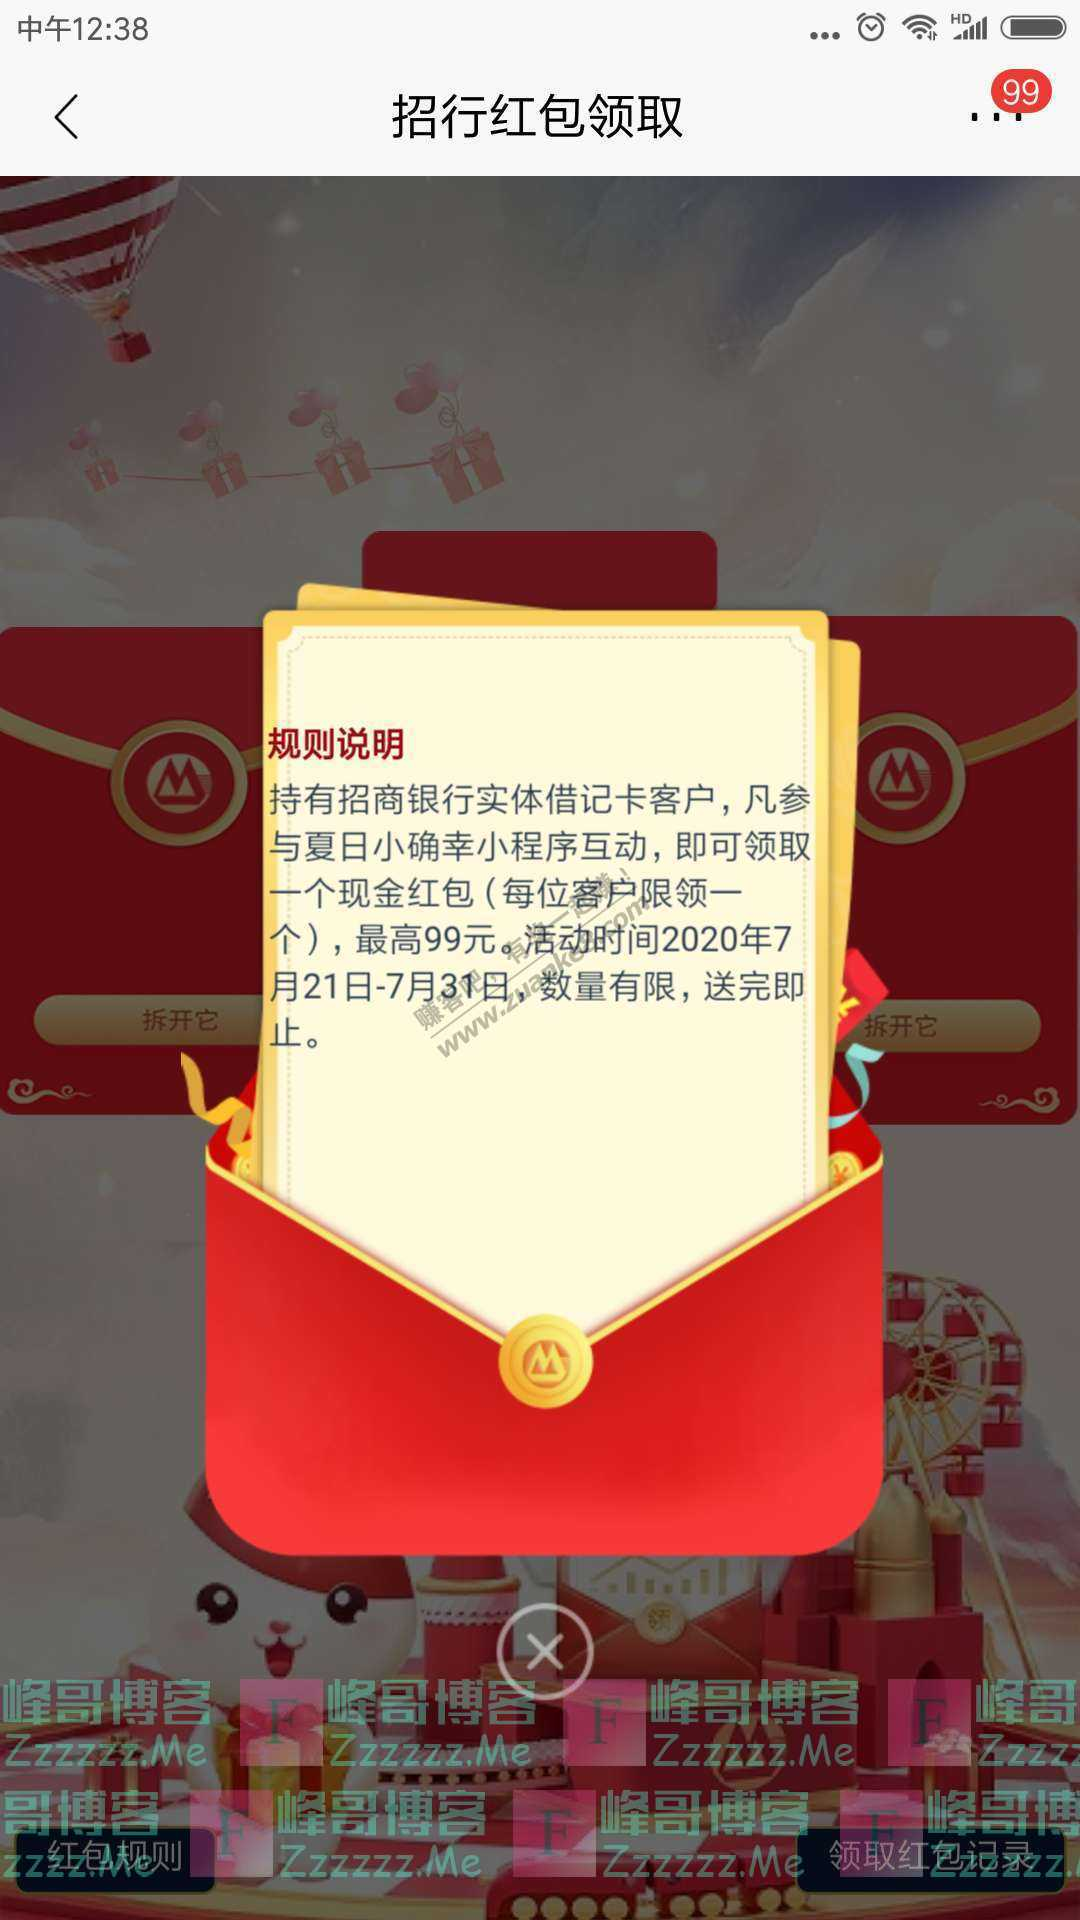 招商银行app分享清凉得现金红包(截止7月31日)